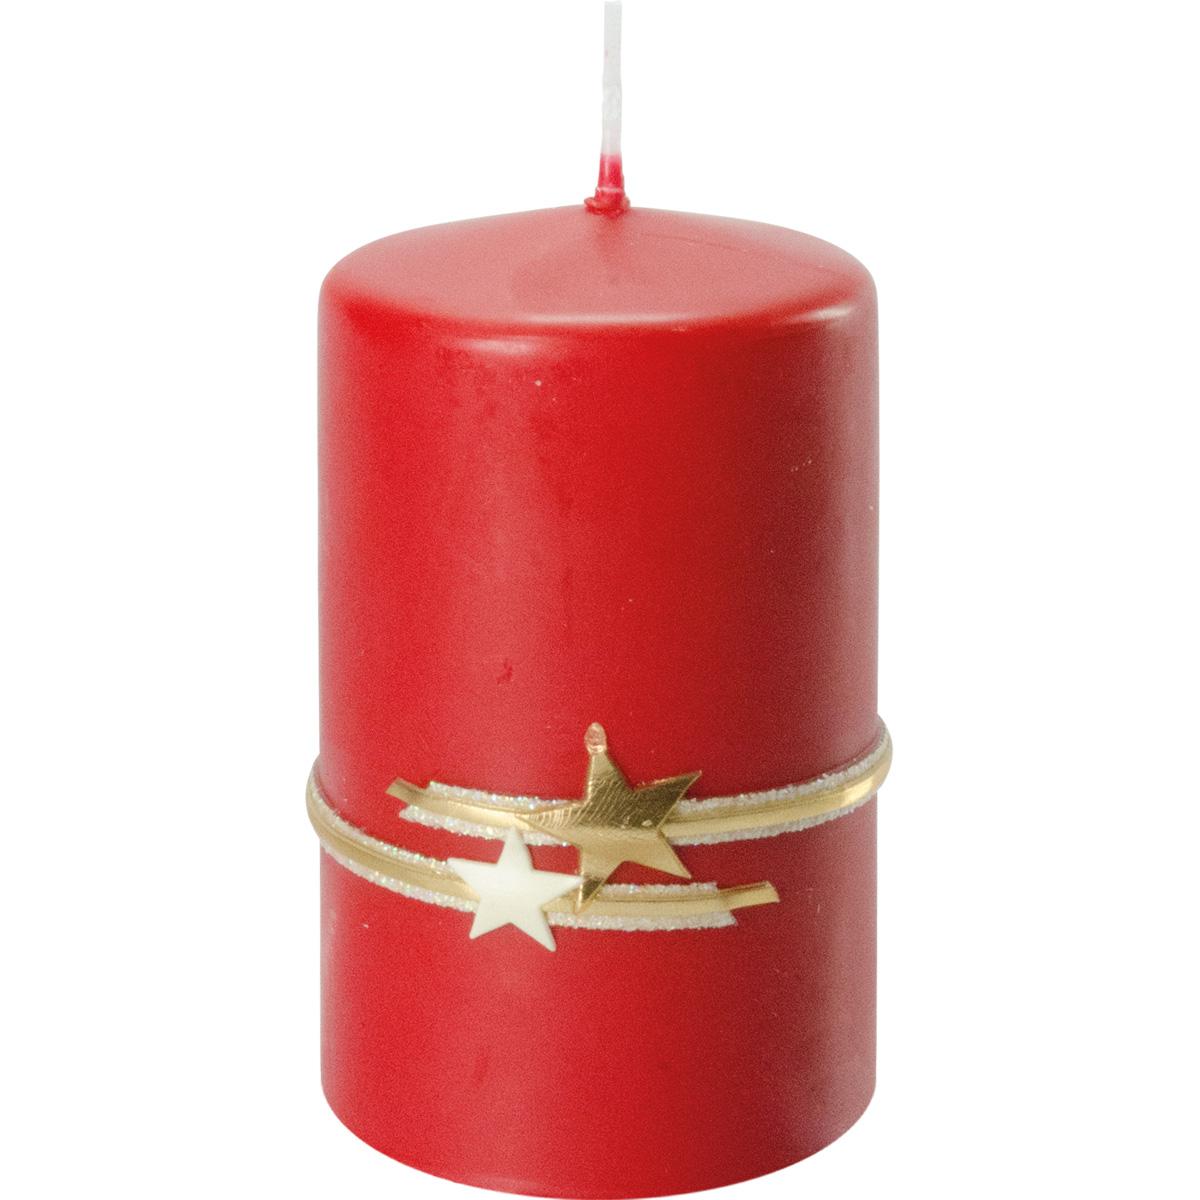 Weihnachtskerze, #2735, 10 x 6 cm, rubin, Serie Mette